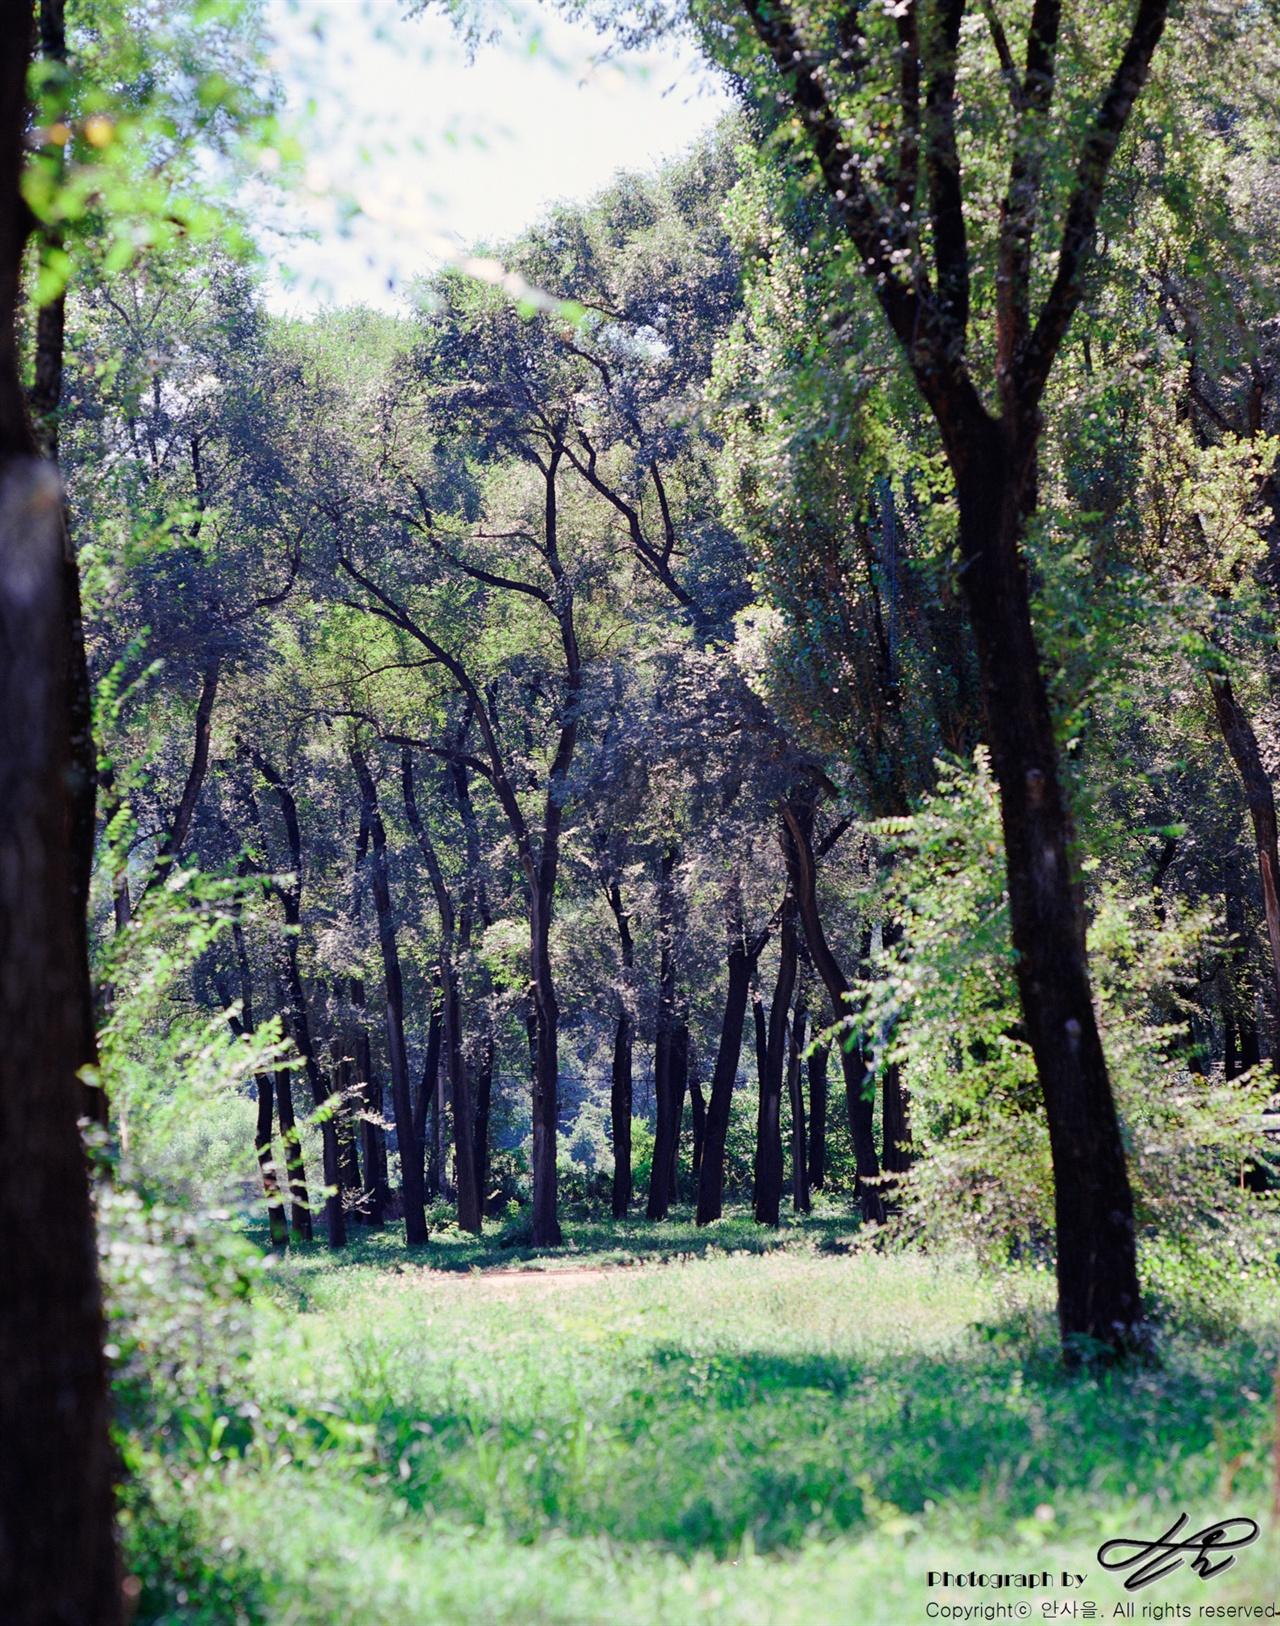 미락숲 (Pro400H)강한 역광을 받아 이파리는 연둣빛으로 빛났고 나무의 몸통은 실루엣으로 남았다.